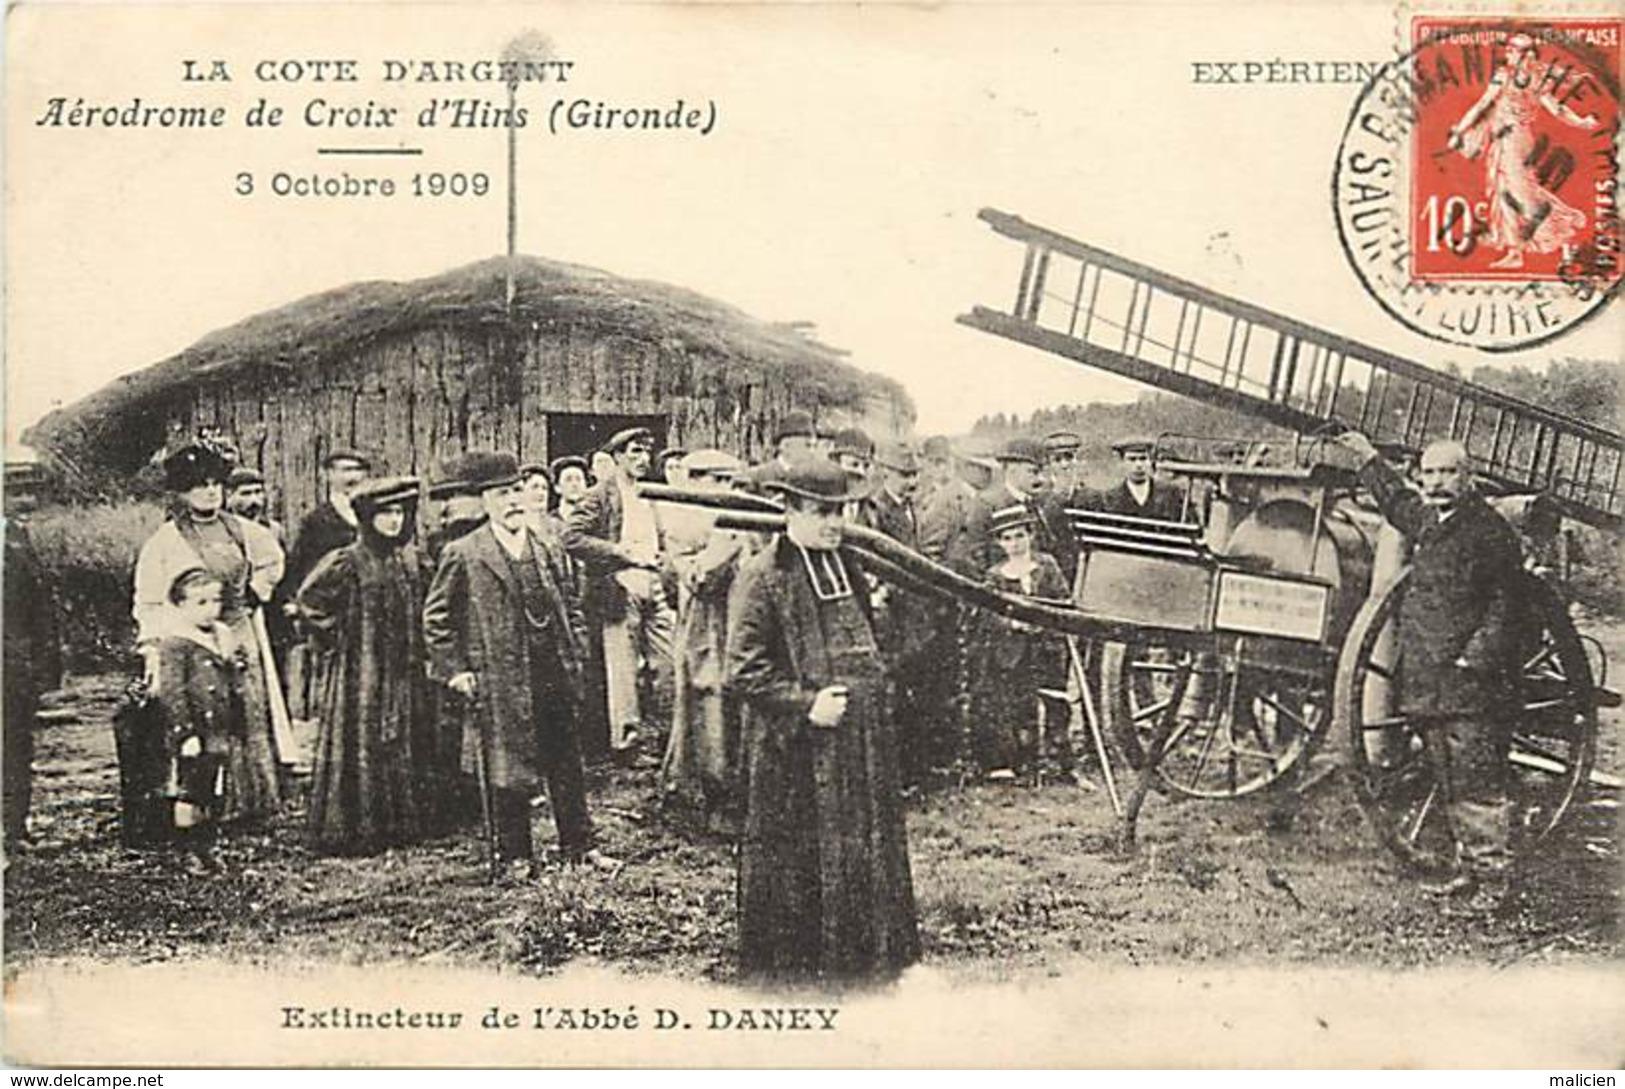 Dpts Div.-ref-AF830- Gironde - Aerodrome De Croix D Hins - Extincteur De L Abbé D. Daney - Aerodromes - Aviation - 1909 - France